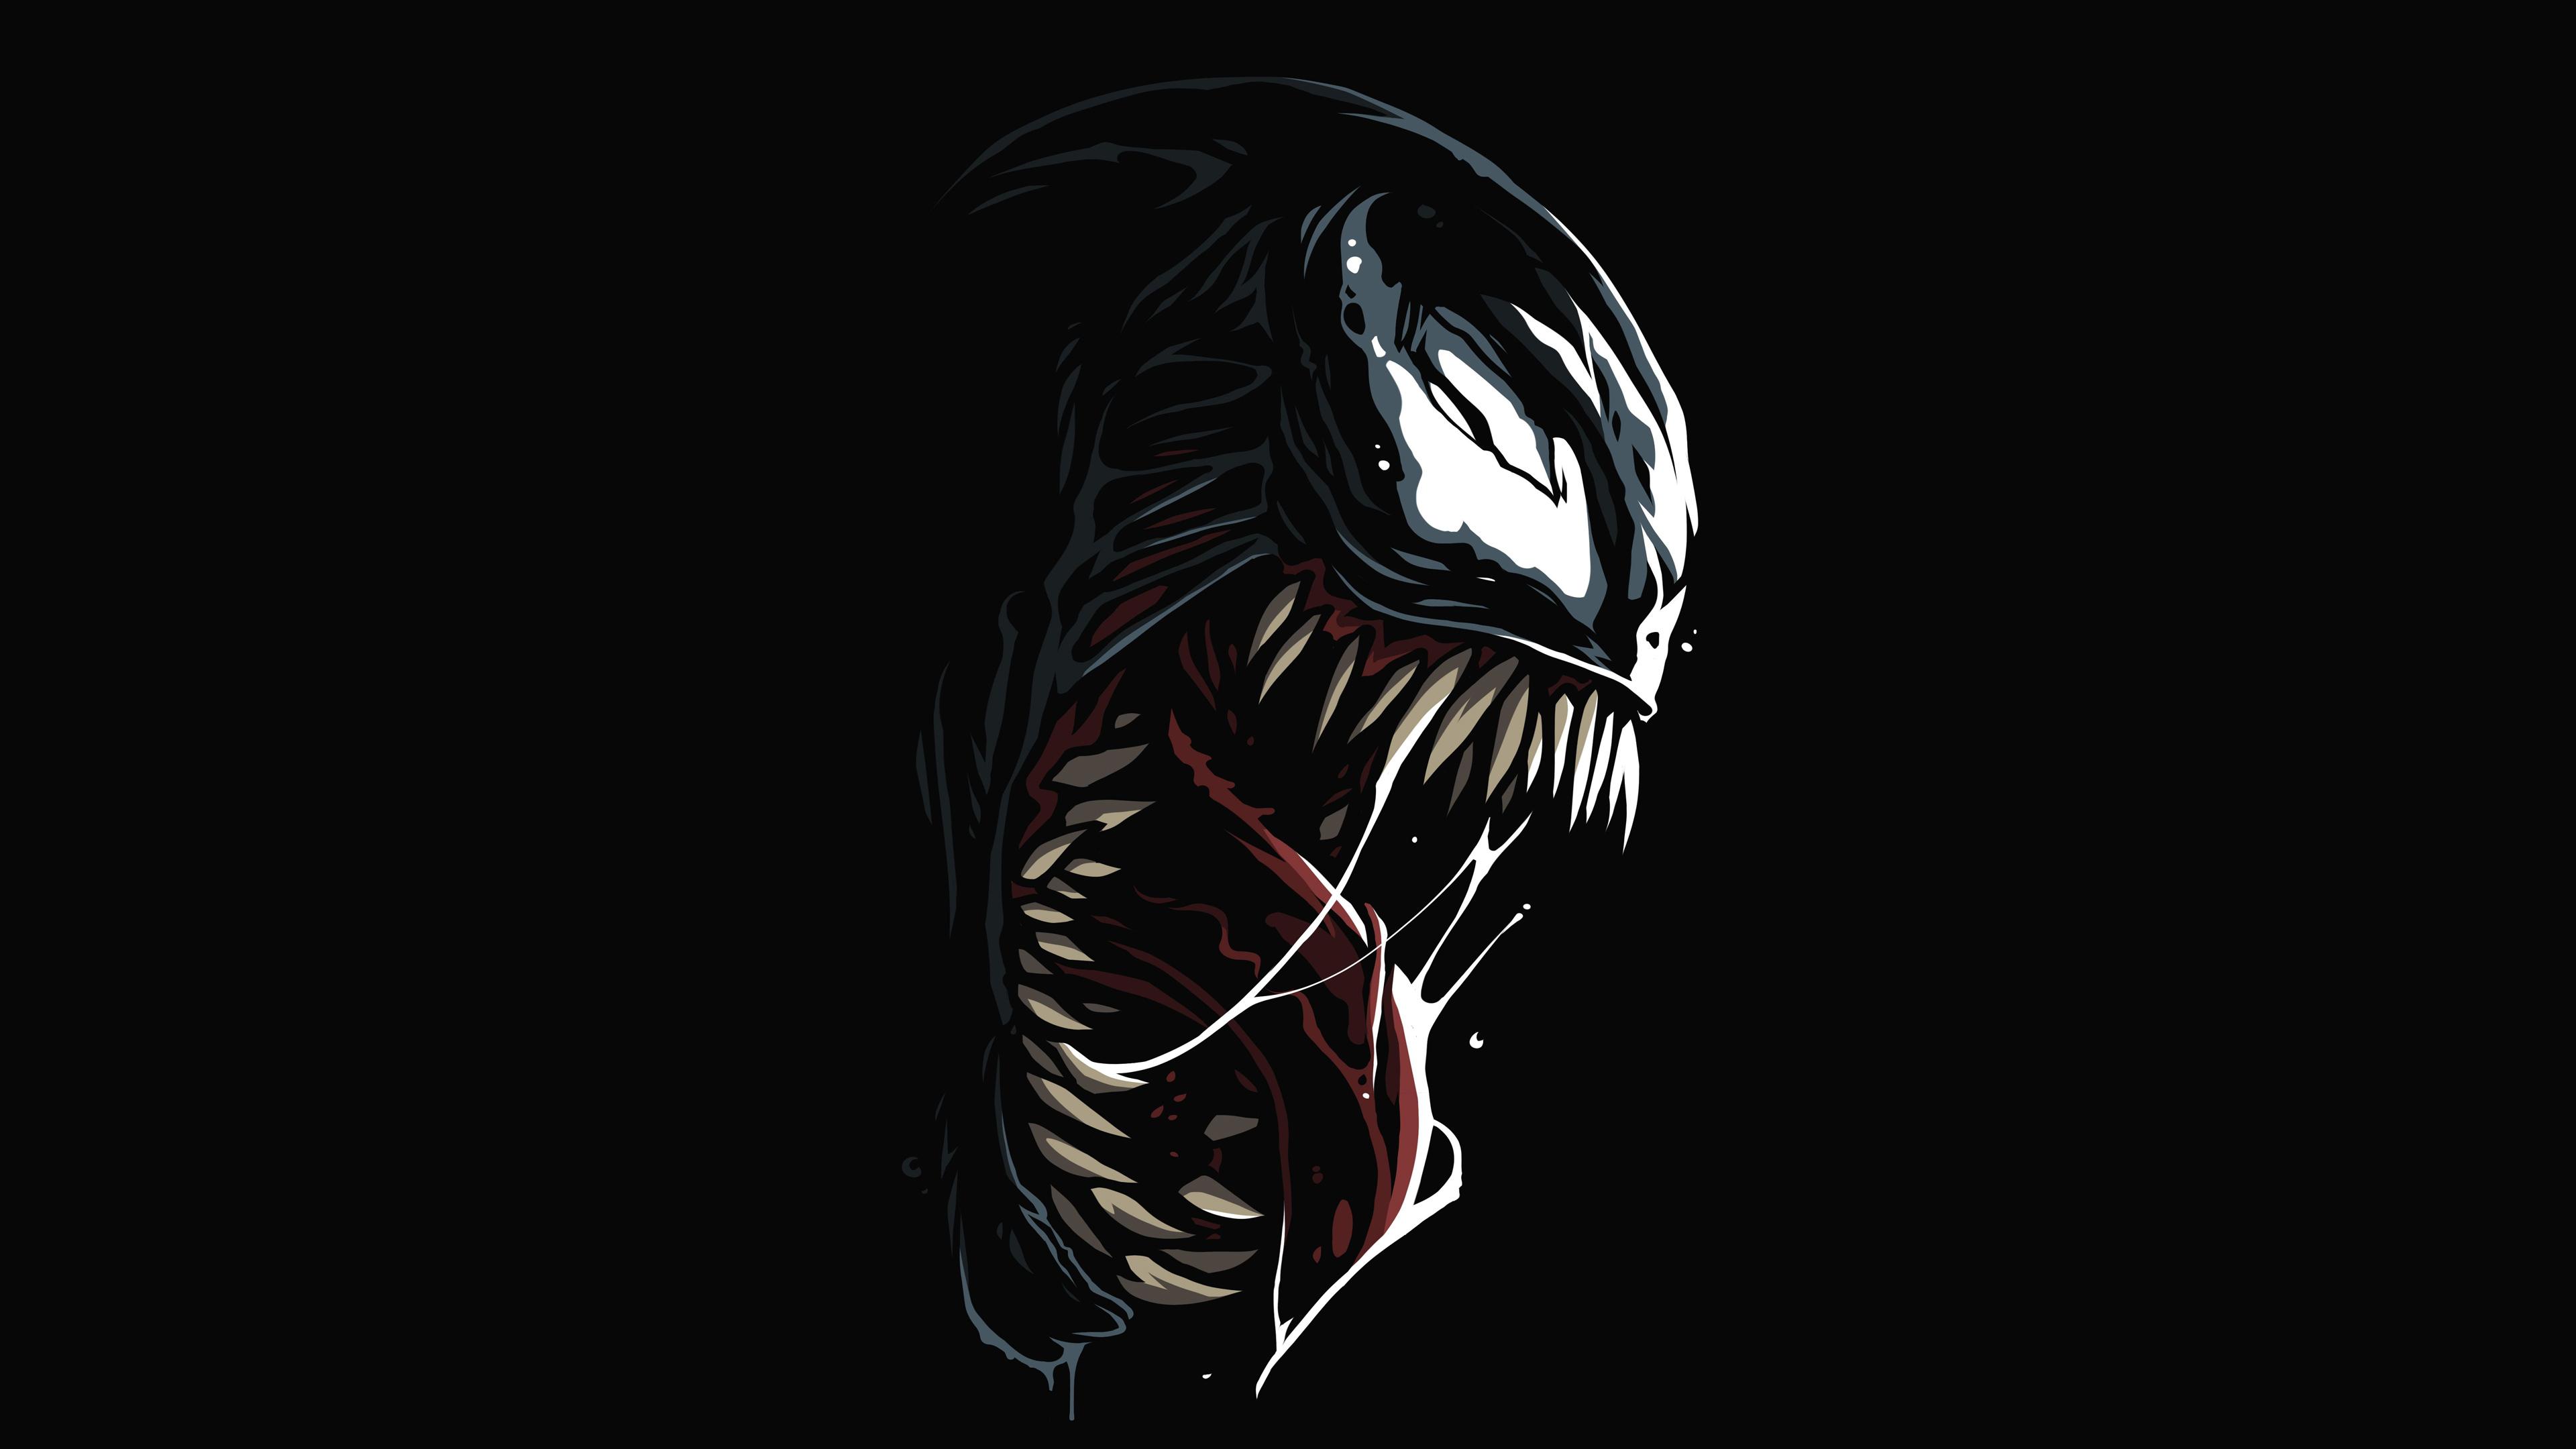 venom amoled 1565053242 - Venom Amoled - Venom wallpapers, superheroes wallpapers, hd-wallpapers, digital art wallpapers, behance wallpapers, artwork wallpapers, artist wallpapers, 4k-wallpapers